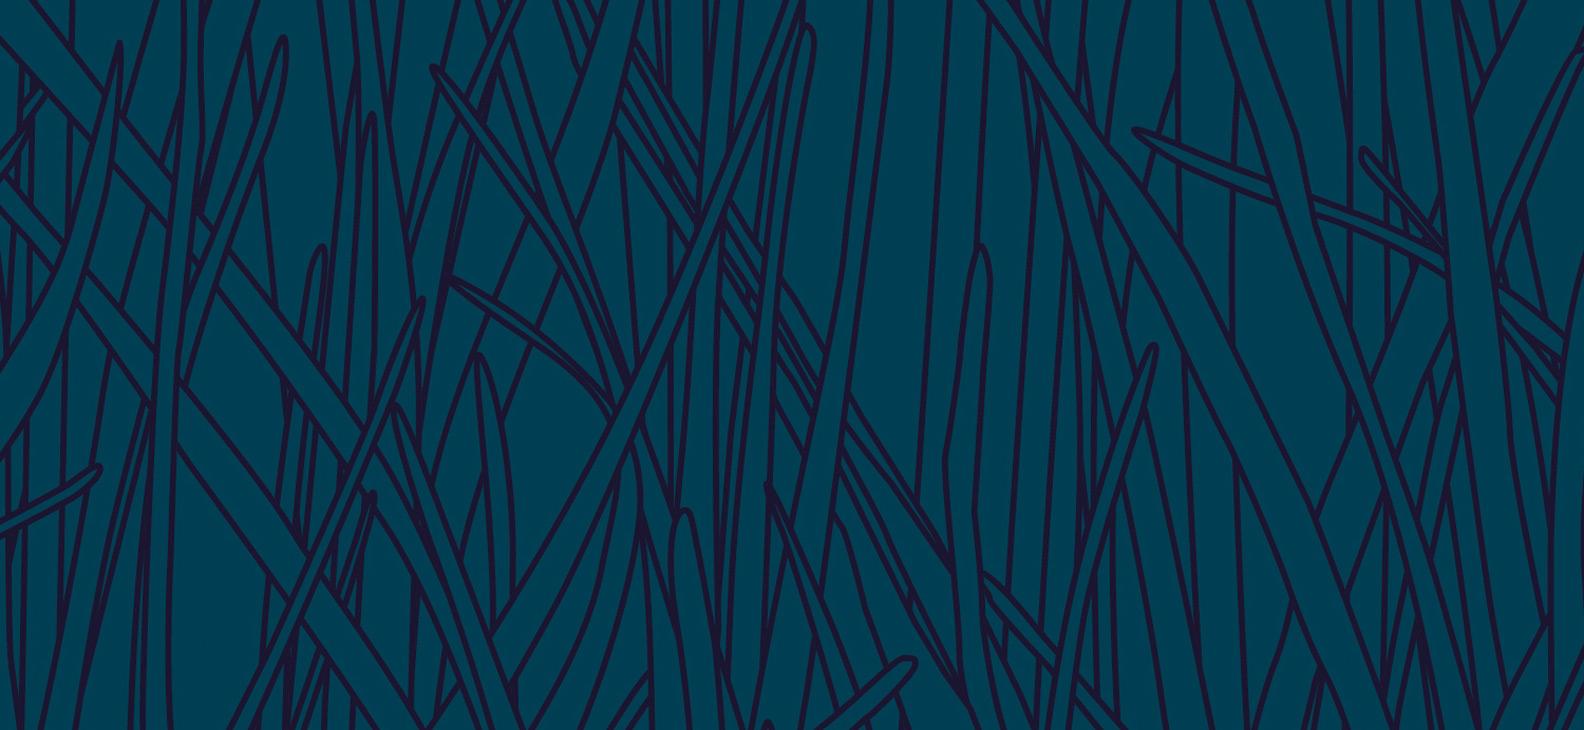 Papier Peint Ressource, Collection Faune & Flore, Motif Herbes Folles, Variation HF06